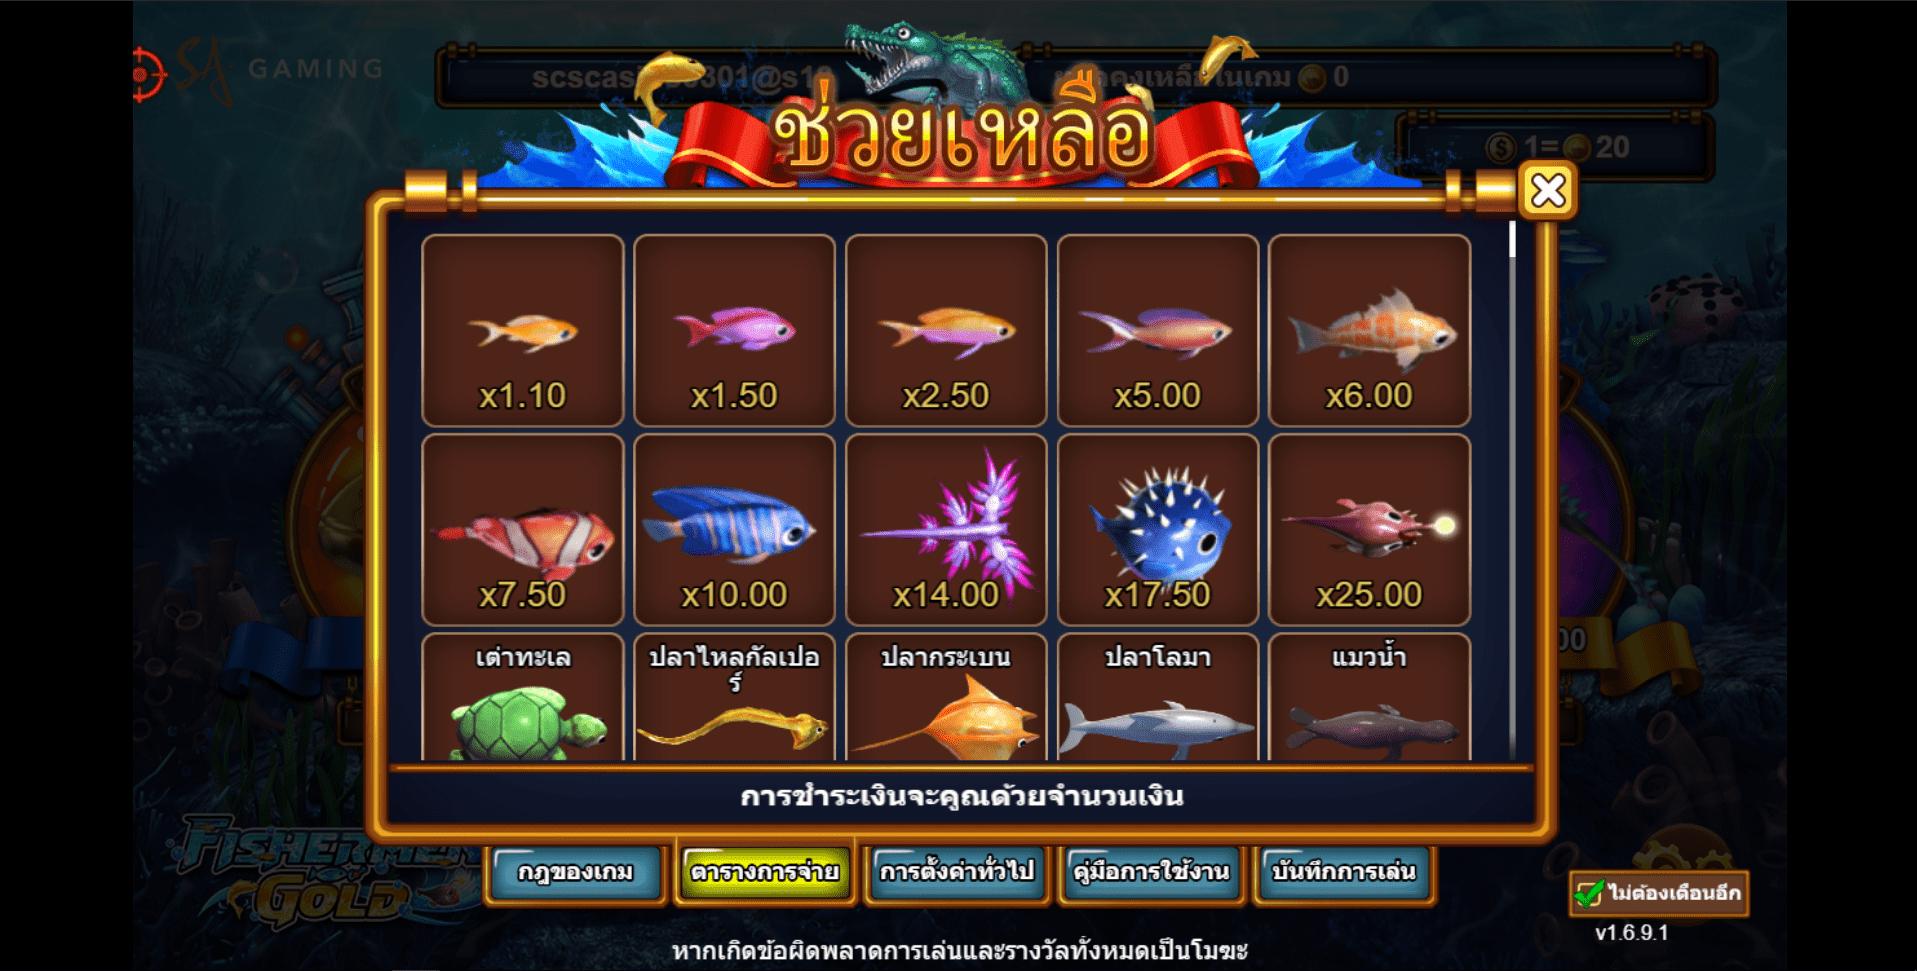 ตารางการจ่ายเงินเกมยิงปลา FISHERMEN GOLD sa gaming